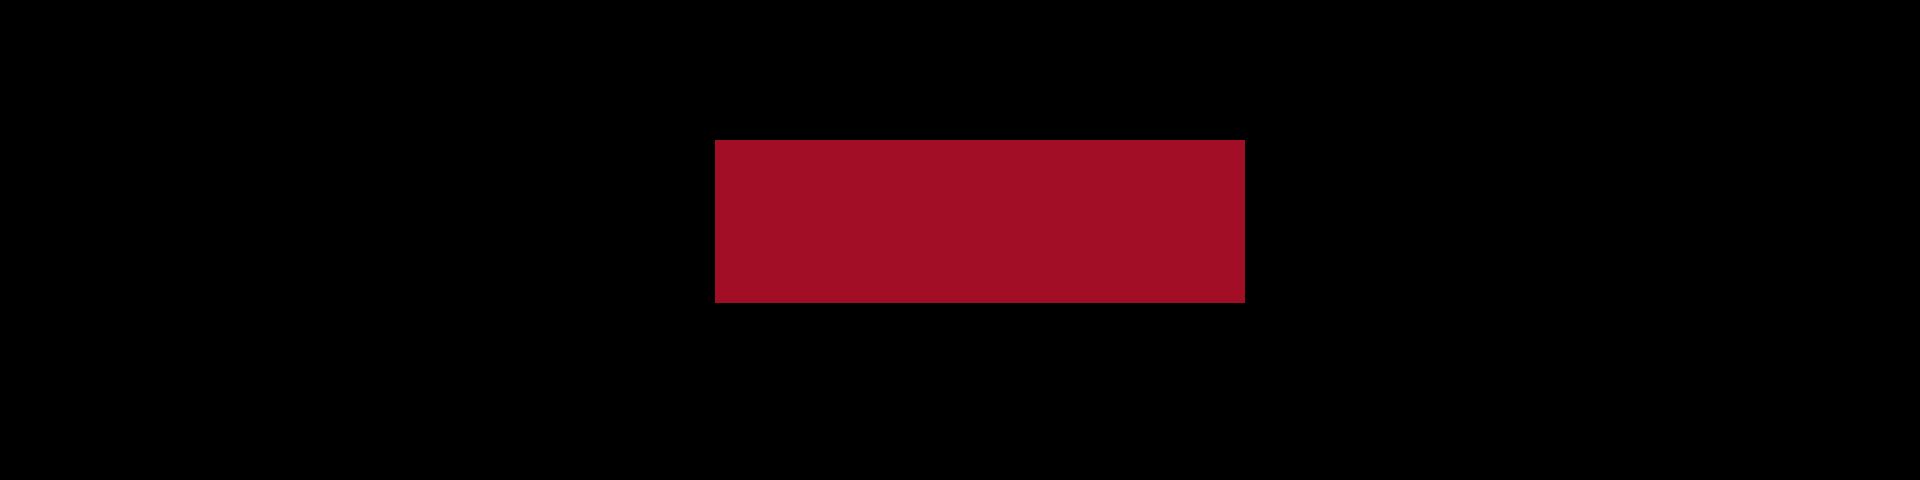 Watchers.png.4c0748a1f4c15aa78b7205ab3035c54a.png